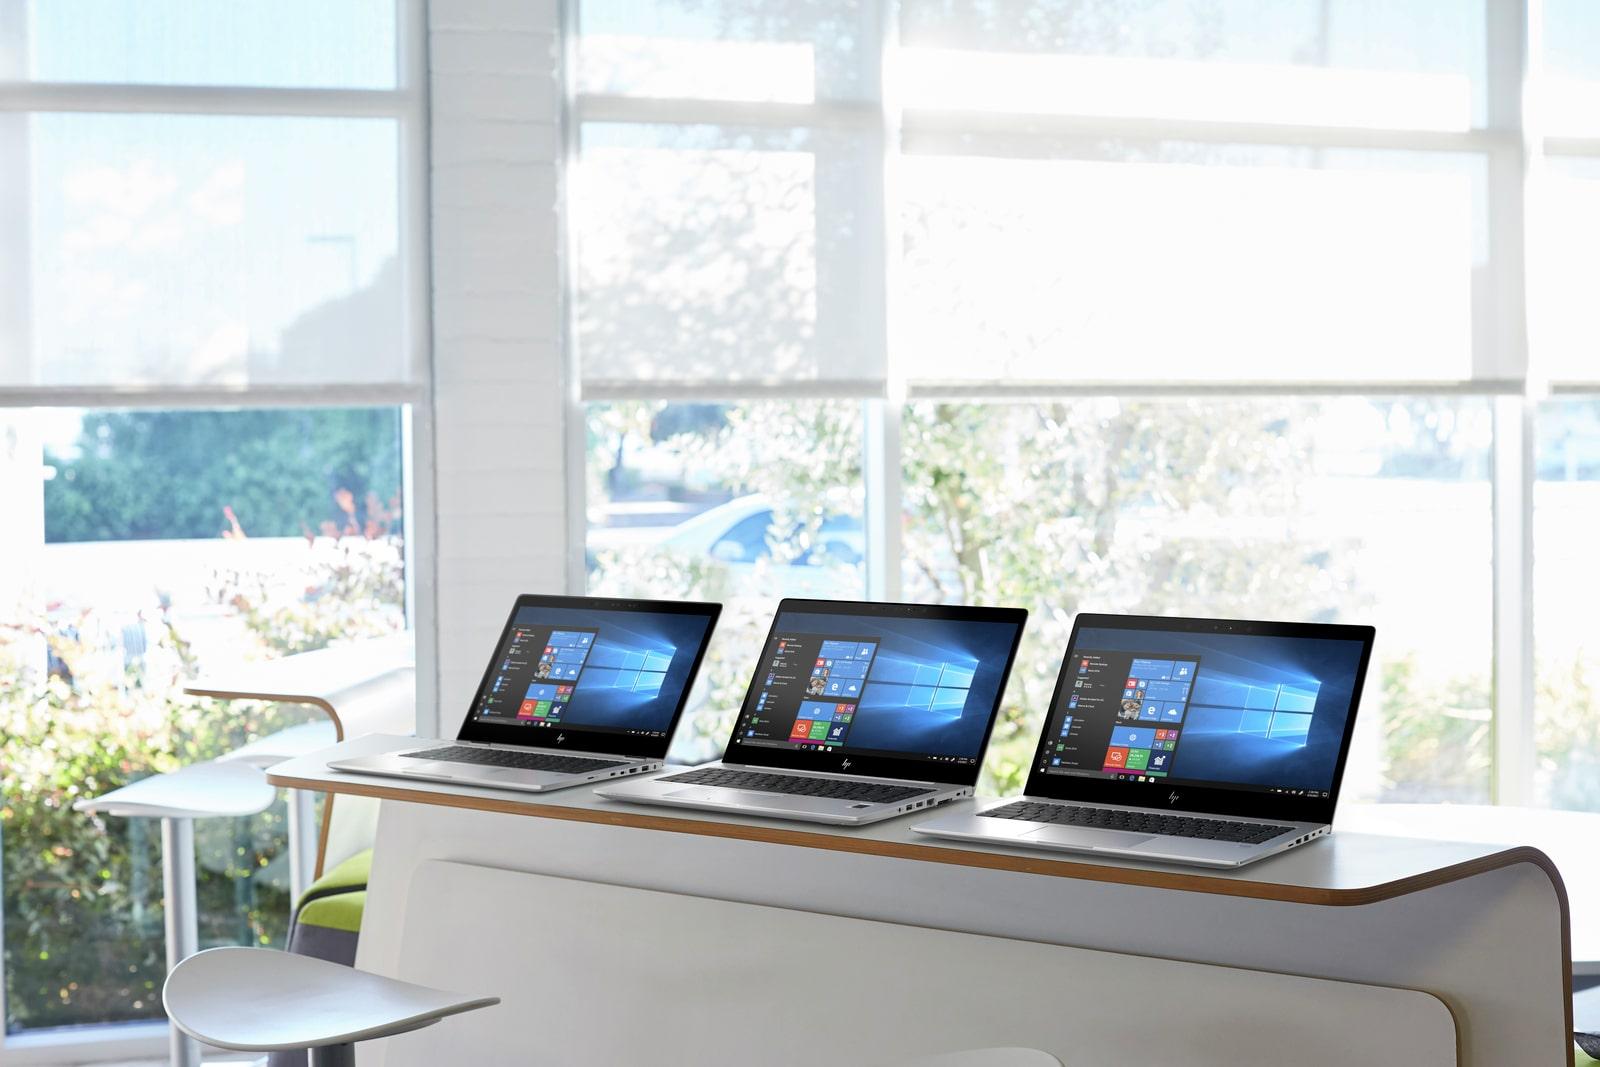 HP EliteBook familie G6 - 830, 850, 860